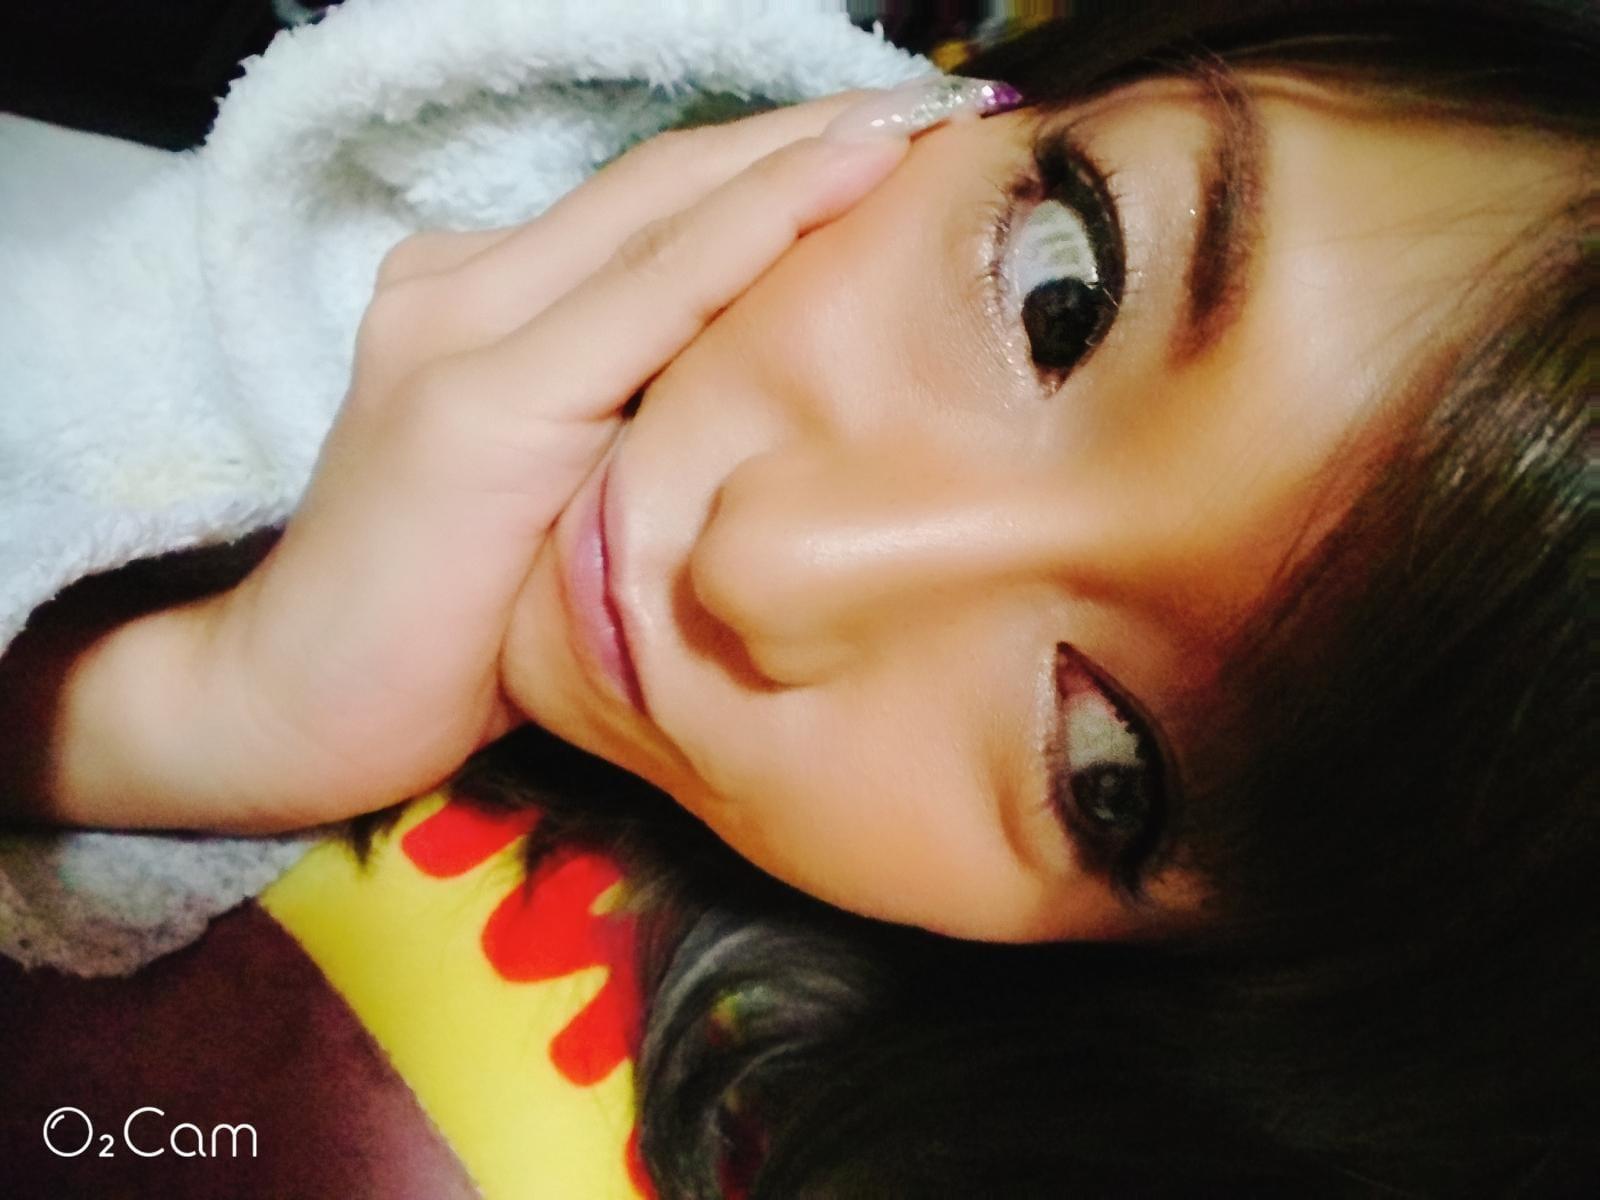 「こんばんわ」12/18(12/18) 02:04 | つぼみの写メ・風俗動画